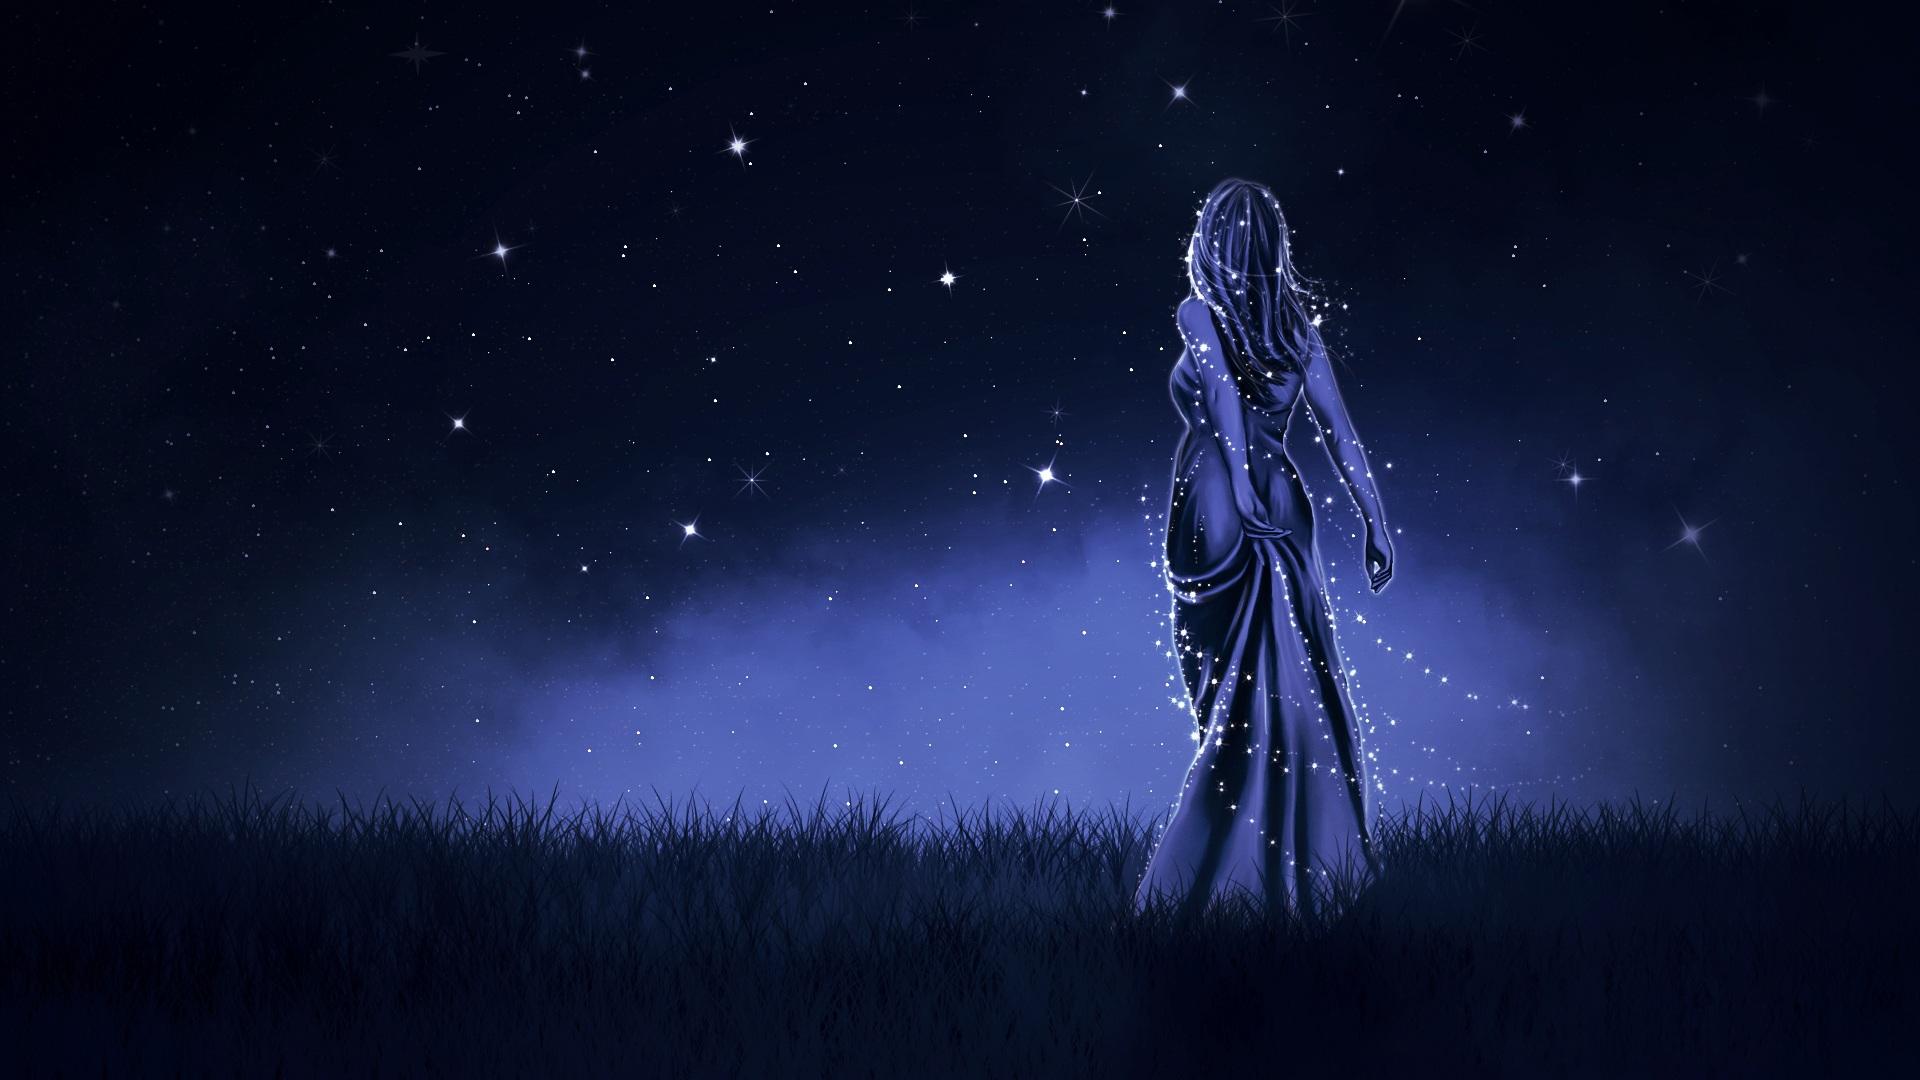 ragazza, notte, Cielo, Star, Abito - Sfondi HD - Professor-falken.com